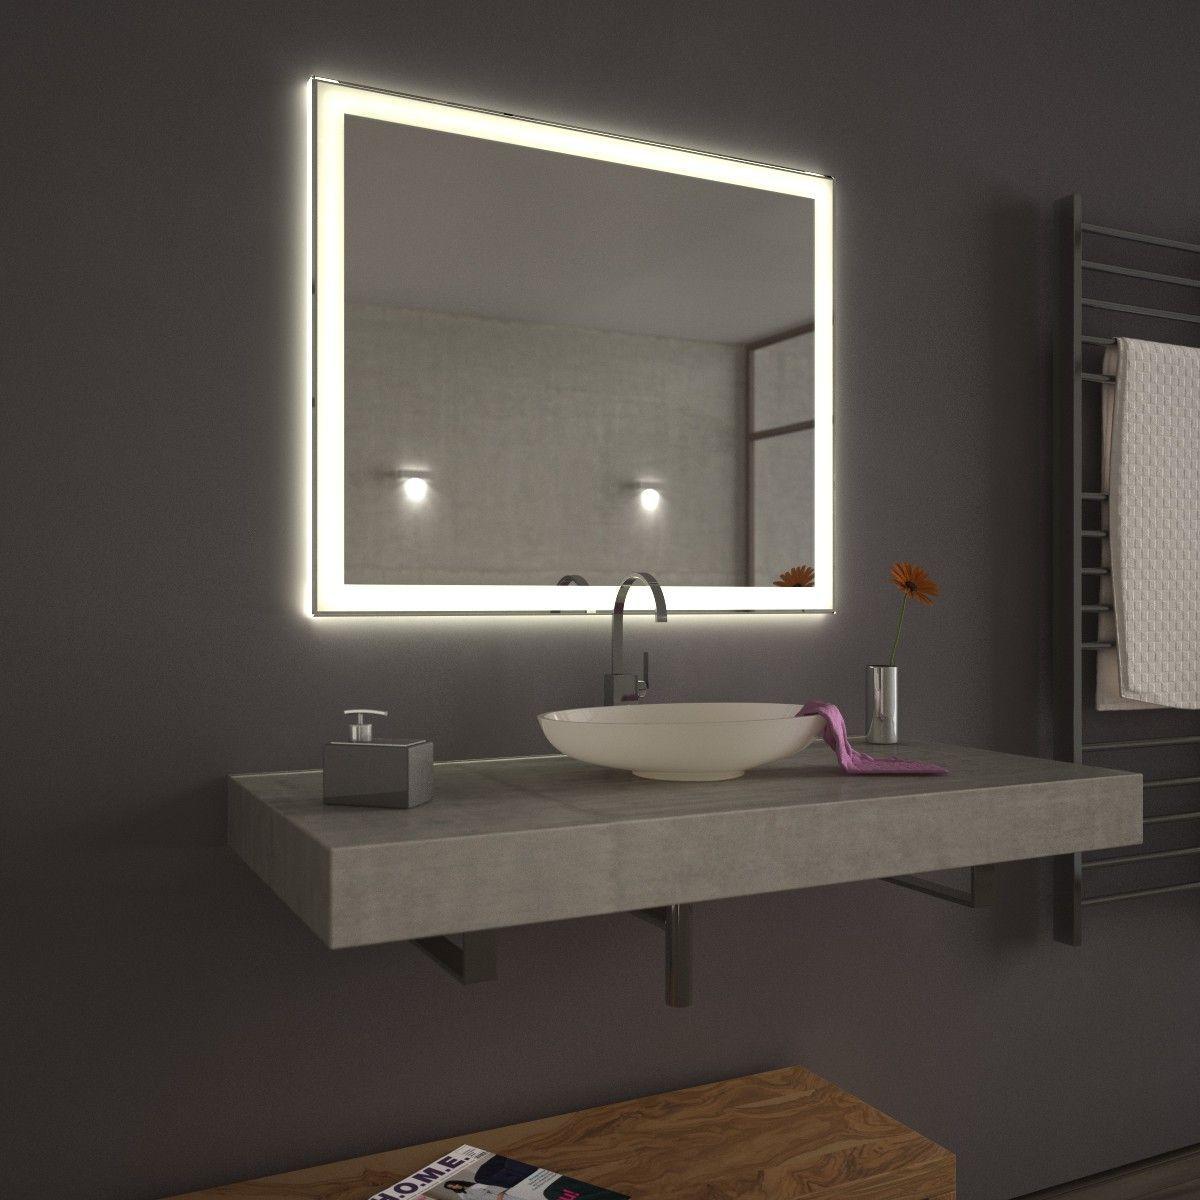 Erwagen Design Badezimmerspiegel Bilder Badezimmerschrank Home House Design Bathroom Mirror